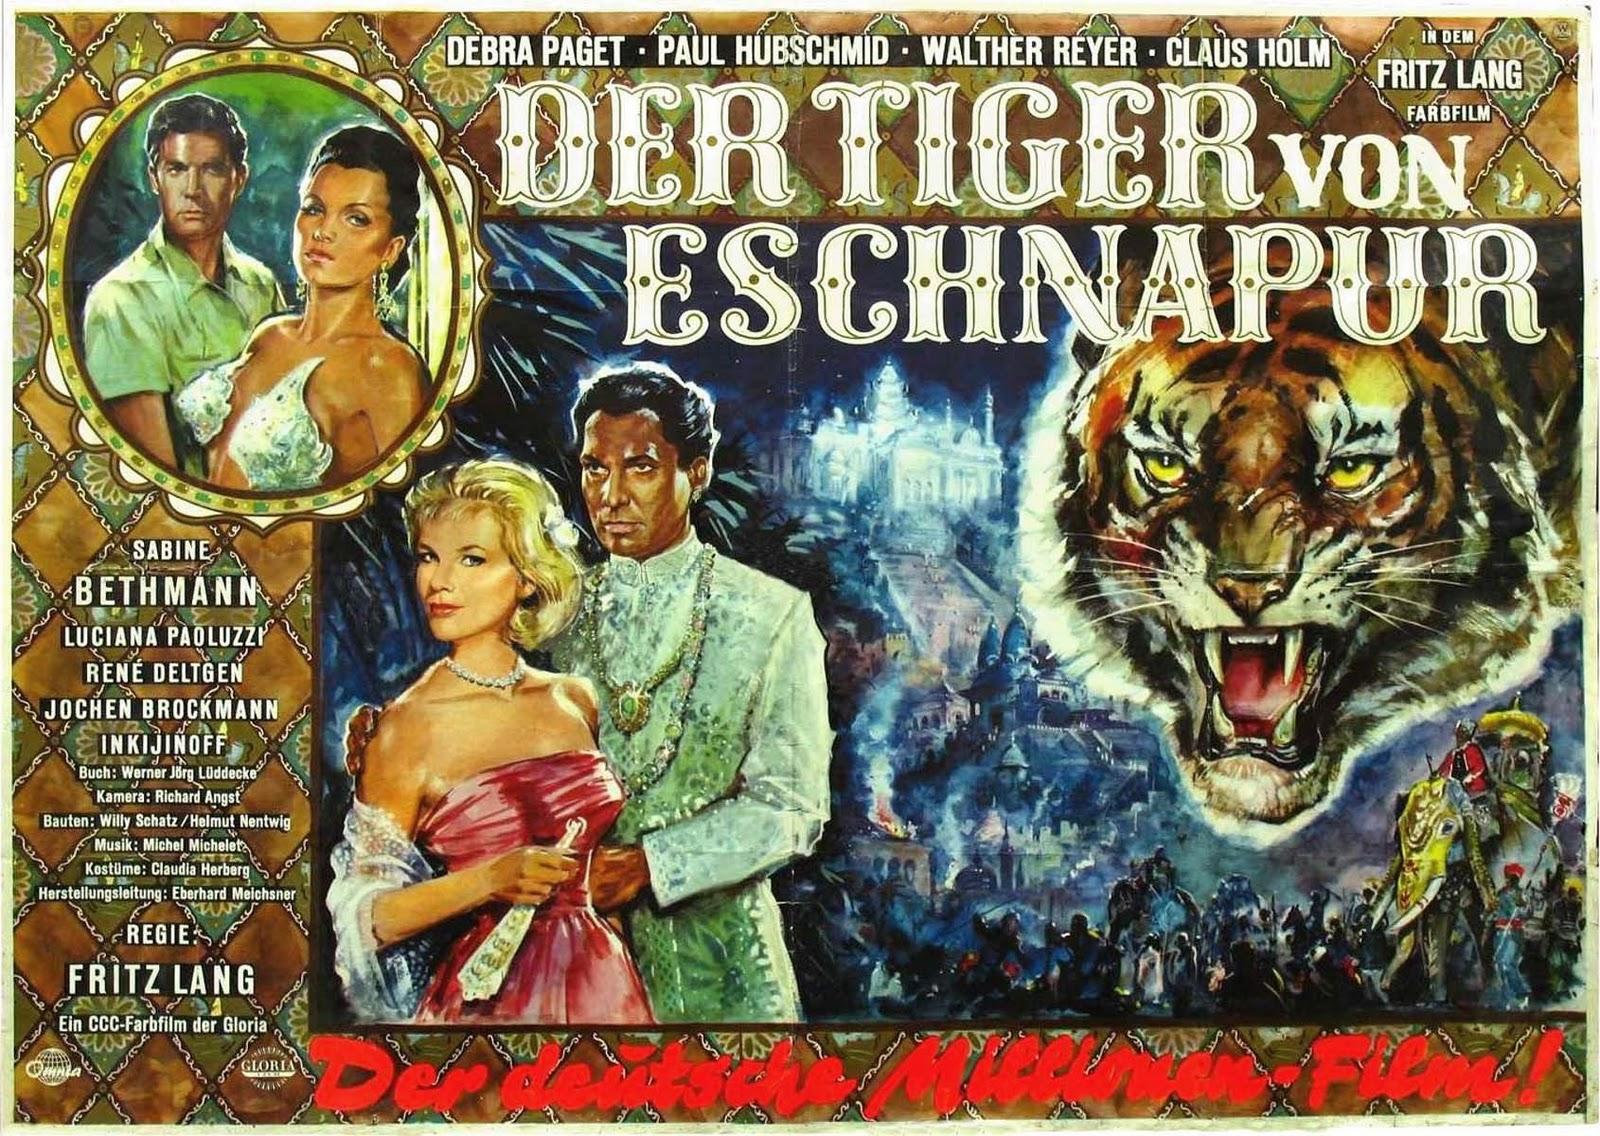 tiger von eschnapur